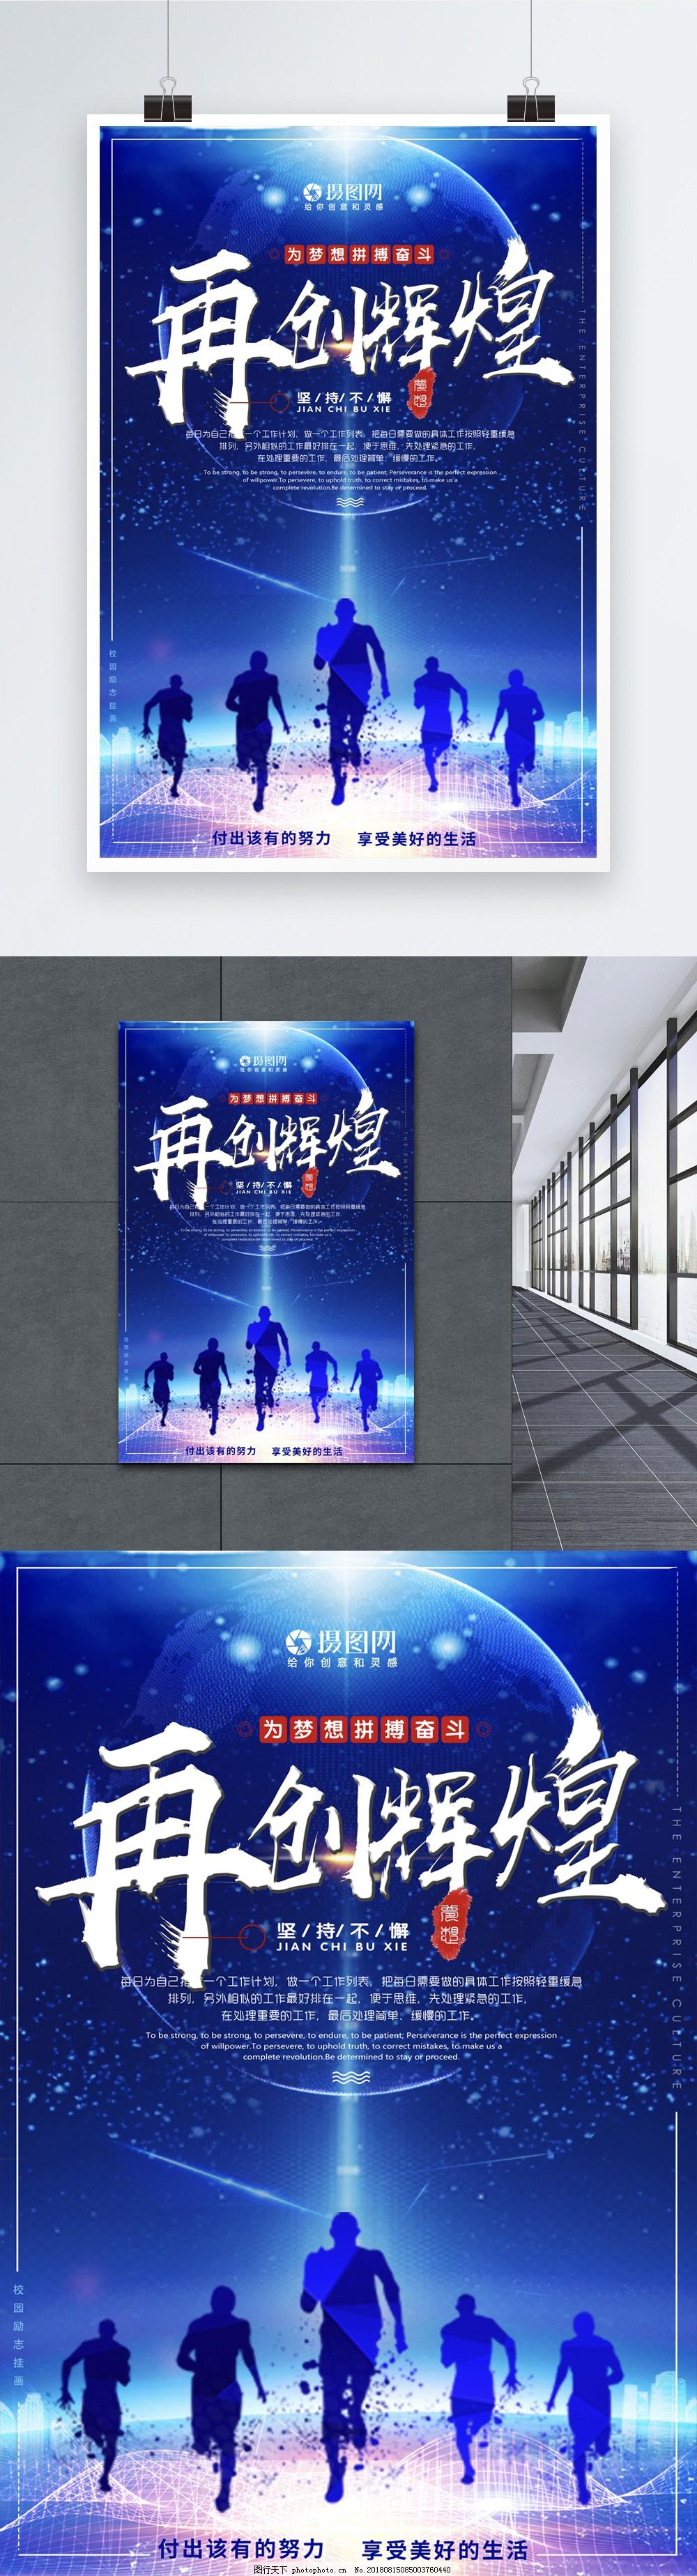 蓝色商务风励志再创辉煌企业文化海报